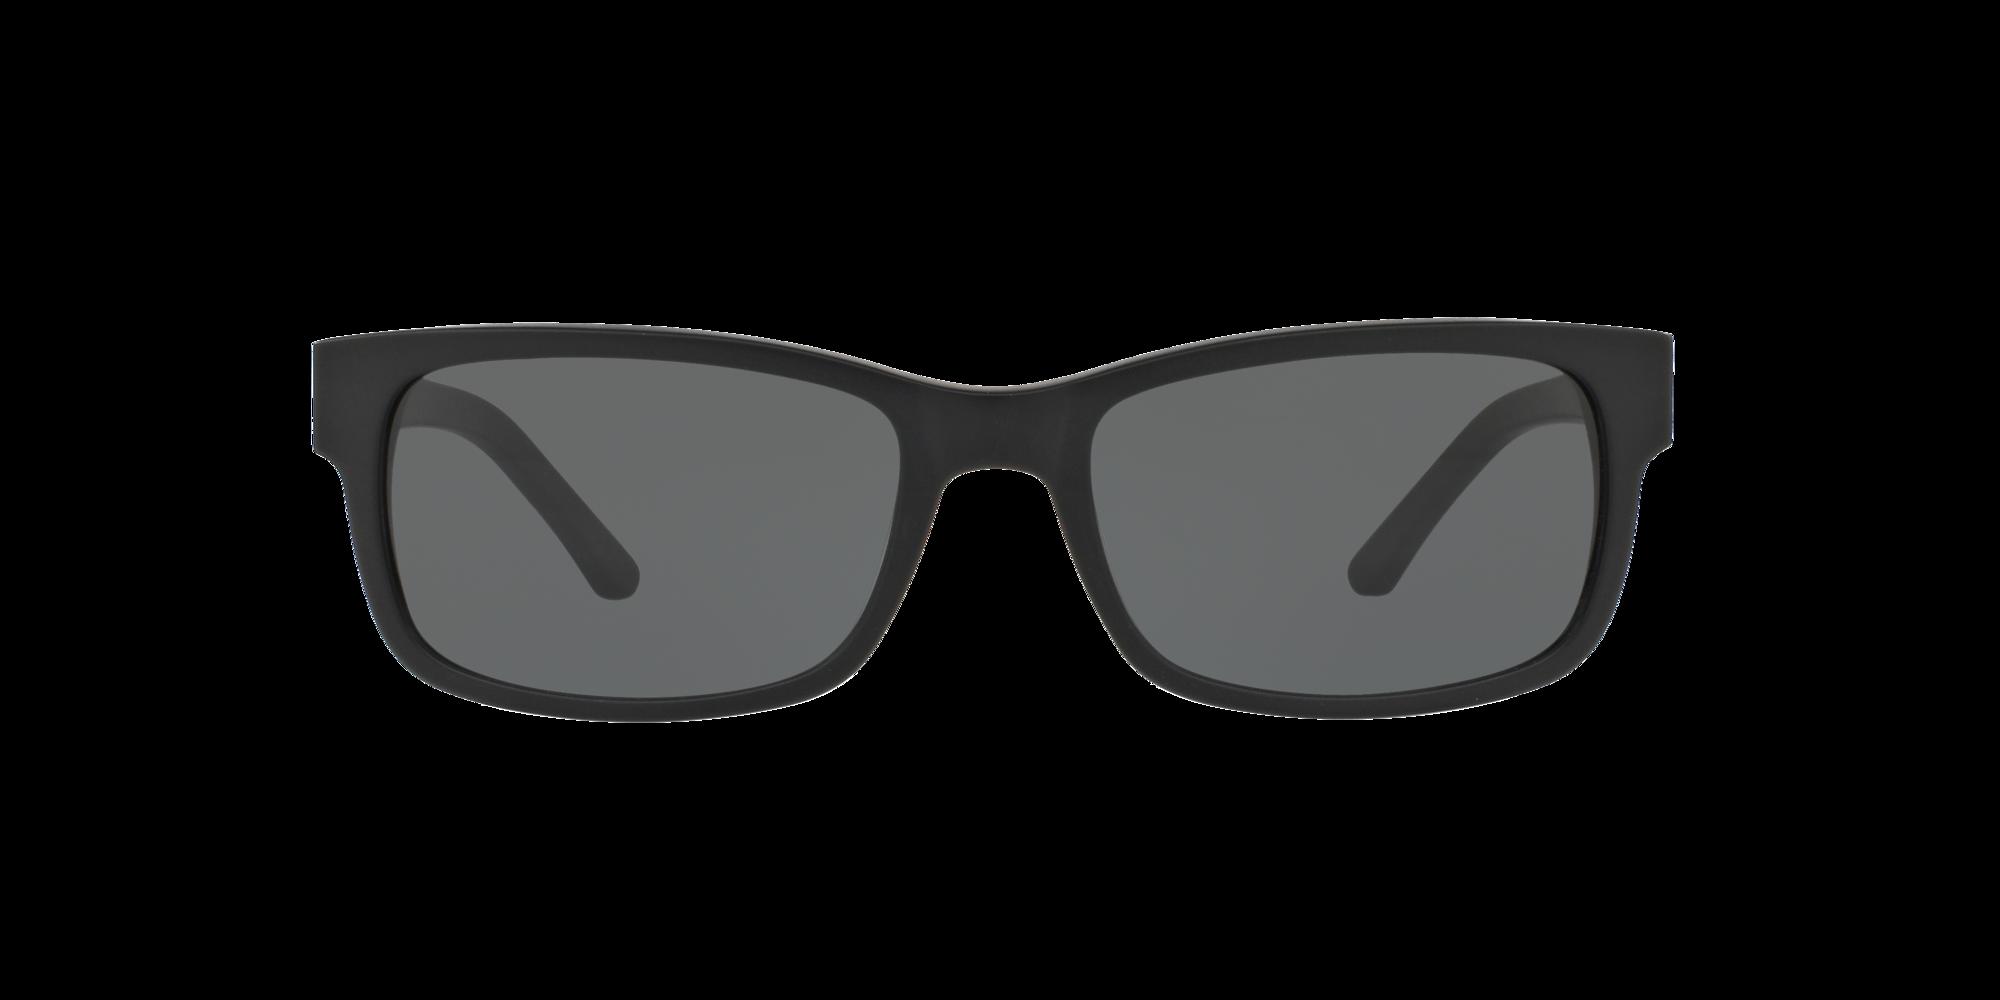 Imagen para SF5501S 61 de LensCrafters |  Espejuelos, espejuelos graduados en línea, gafas